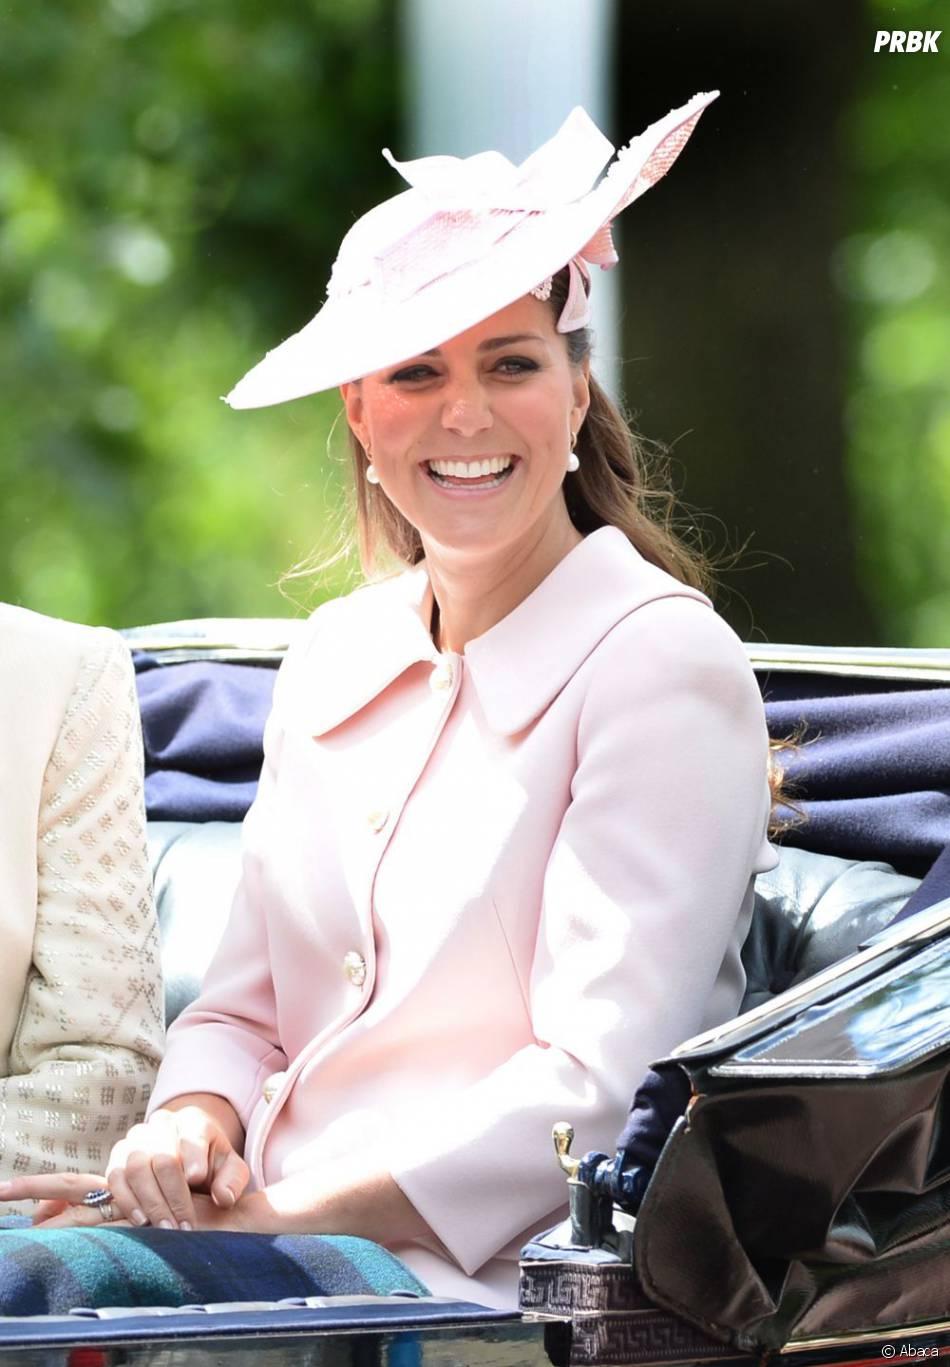 Kate Middleton enceinte : son bébé se fait attendre